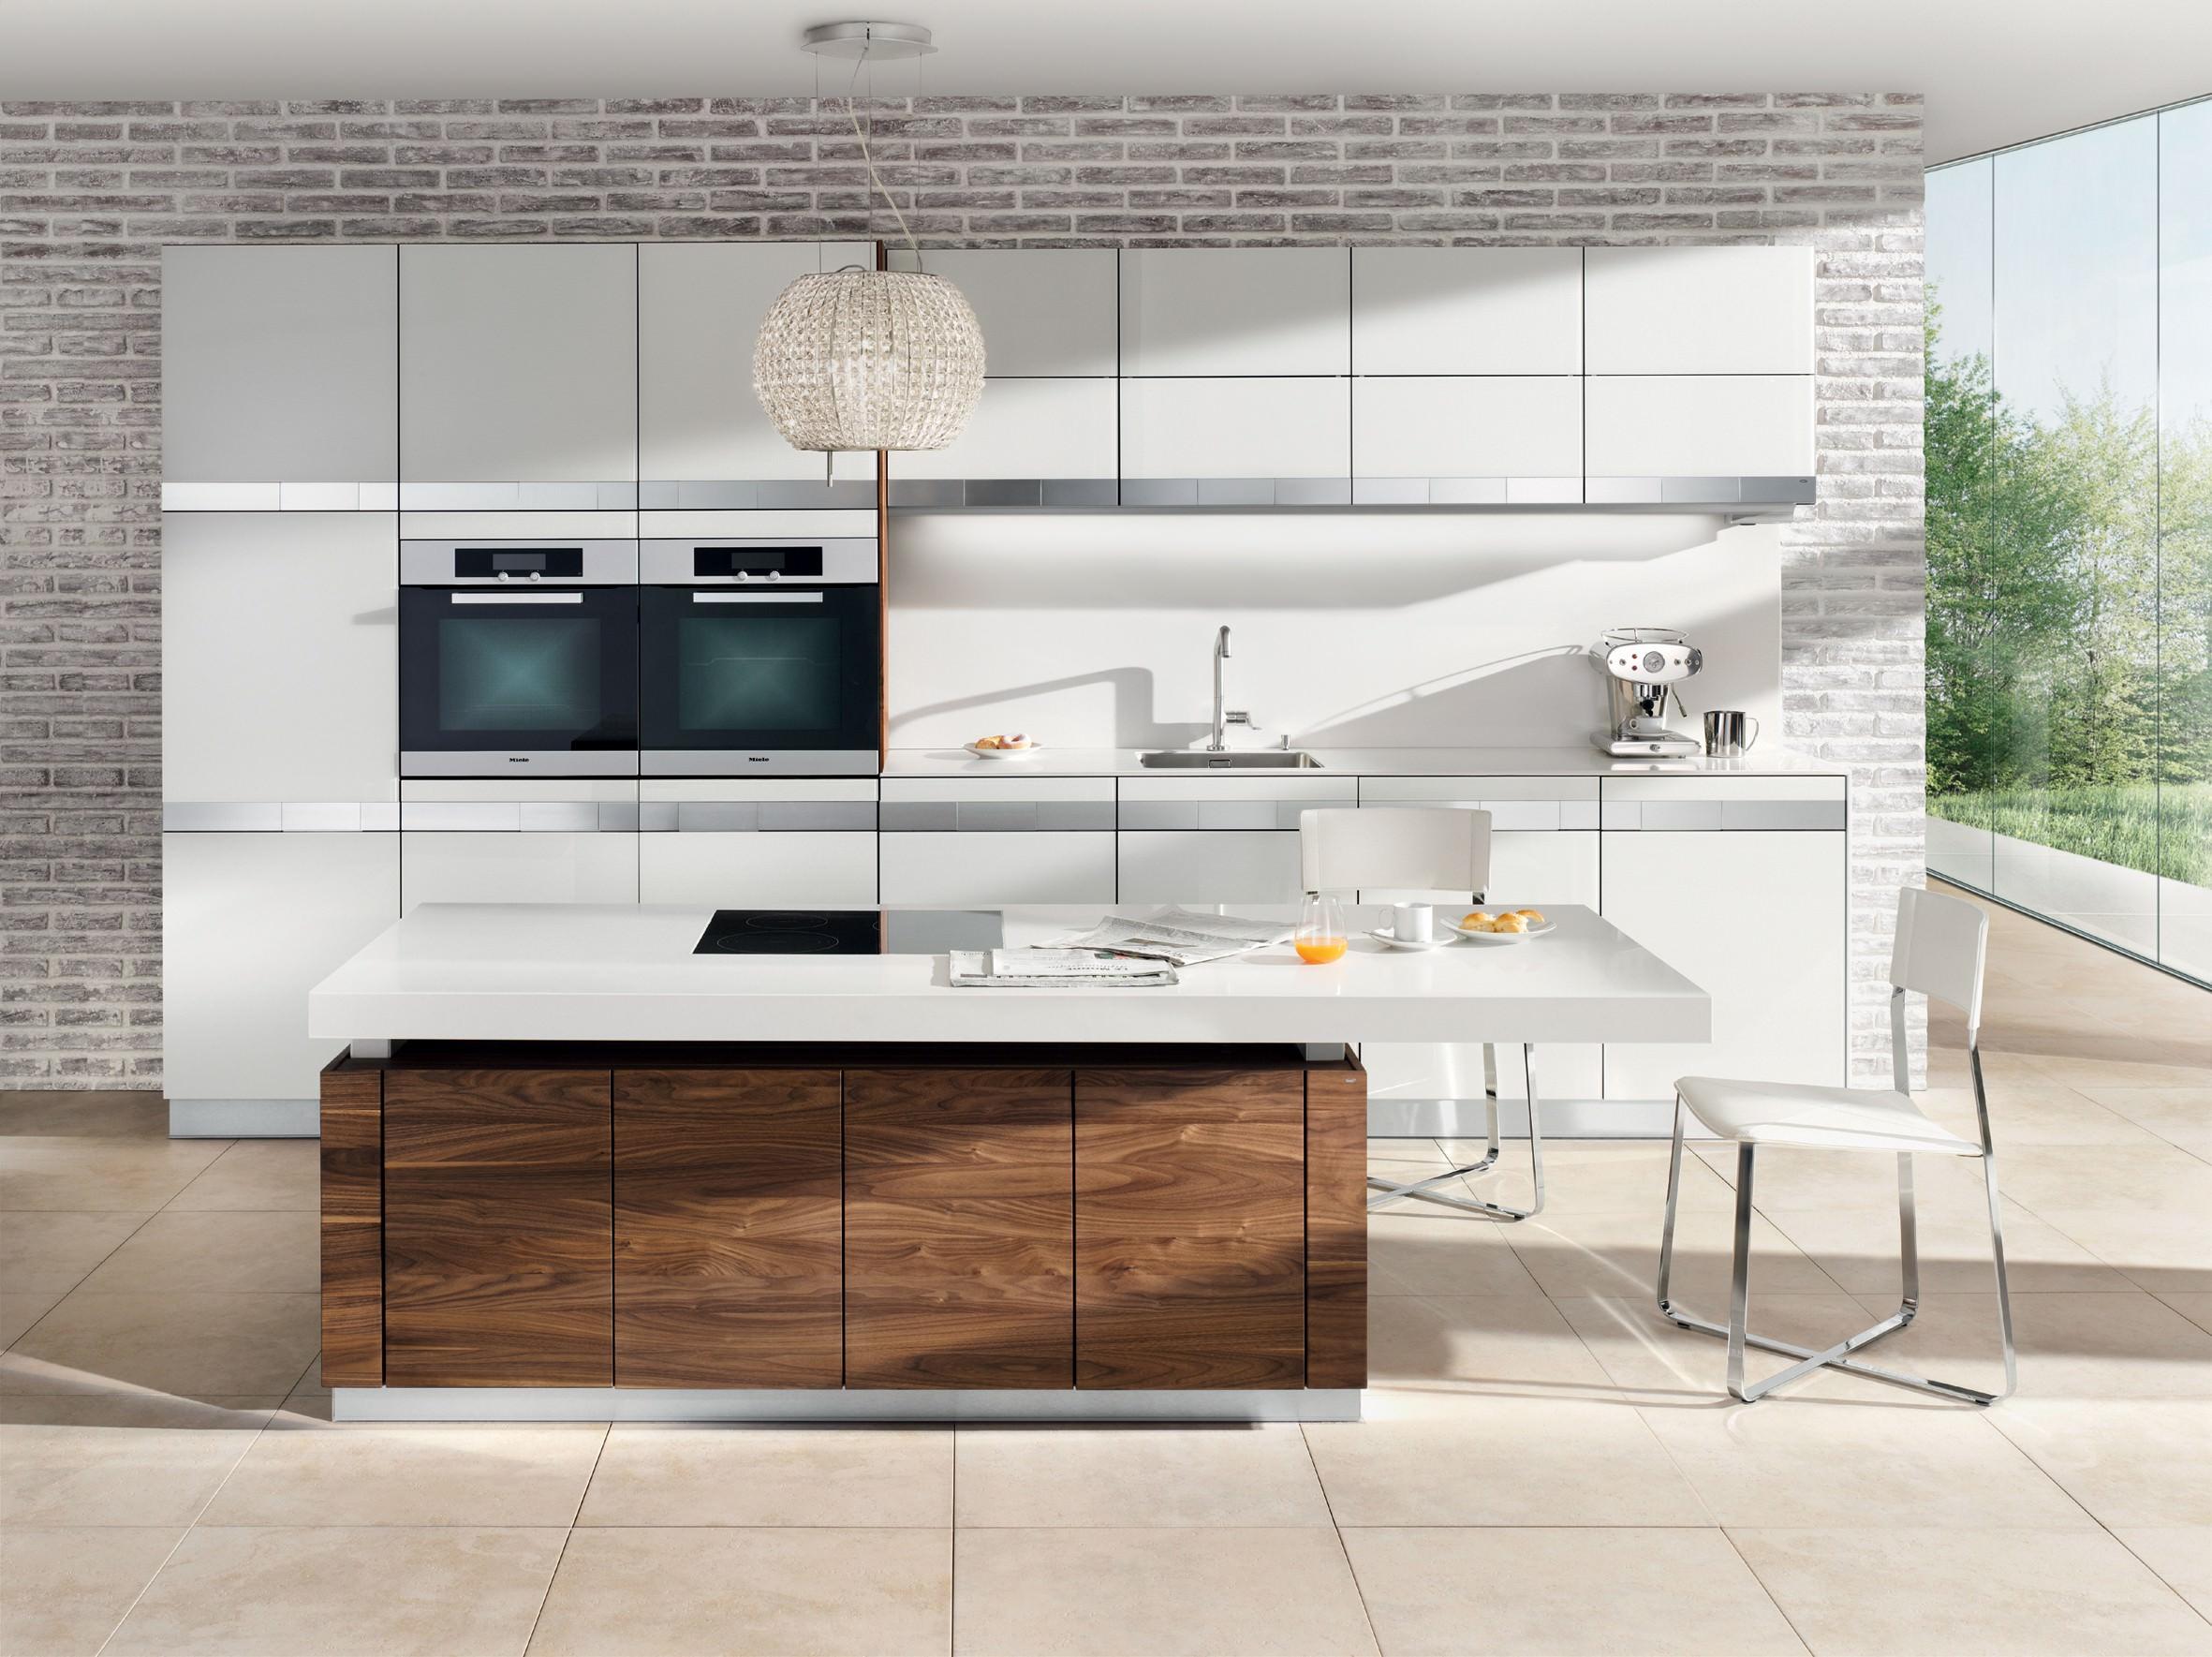 Altezza banco cucina simple nuovo altezza tavolo da cucina cucina con isola gentili scontata - Altezza isola cucina ...